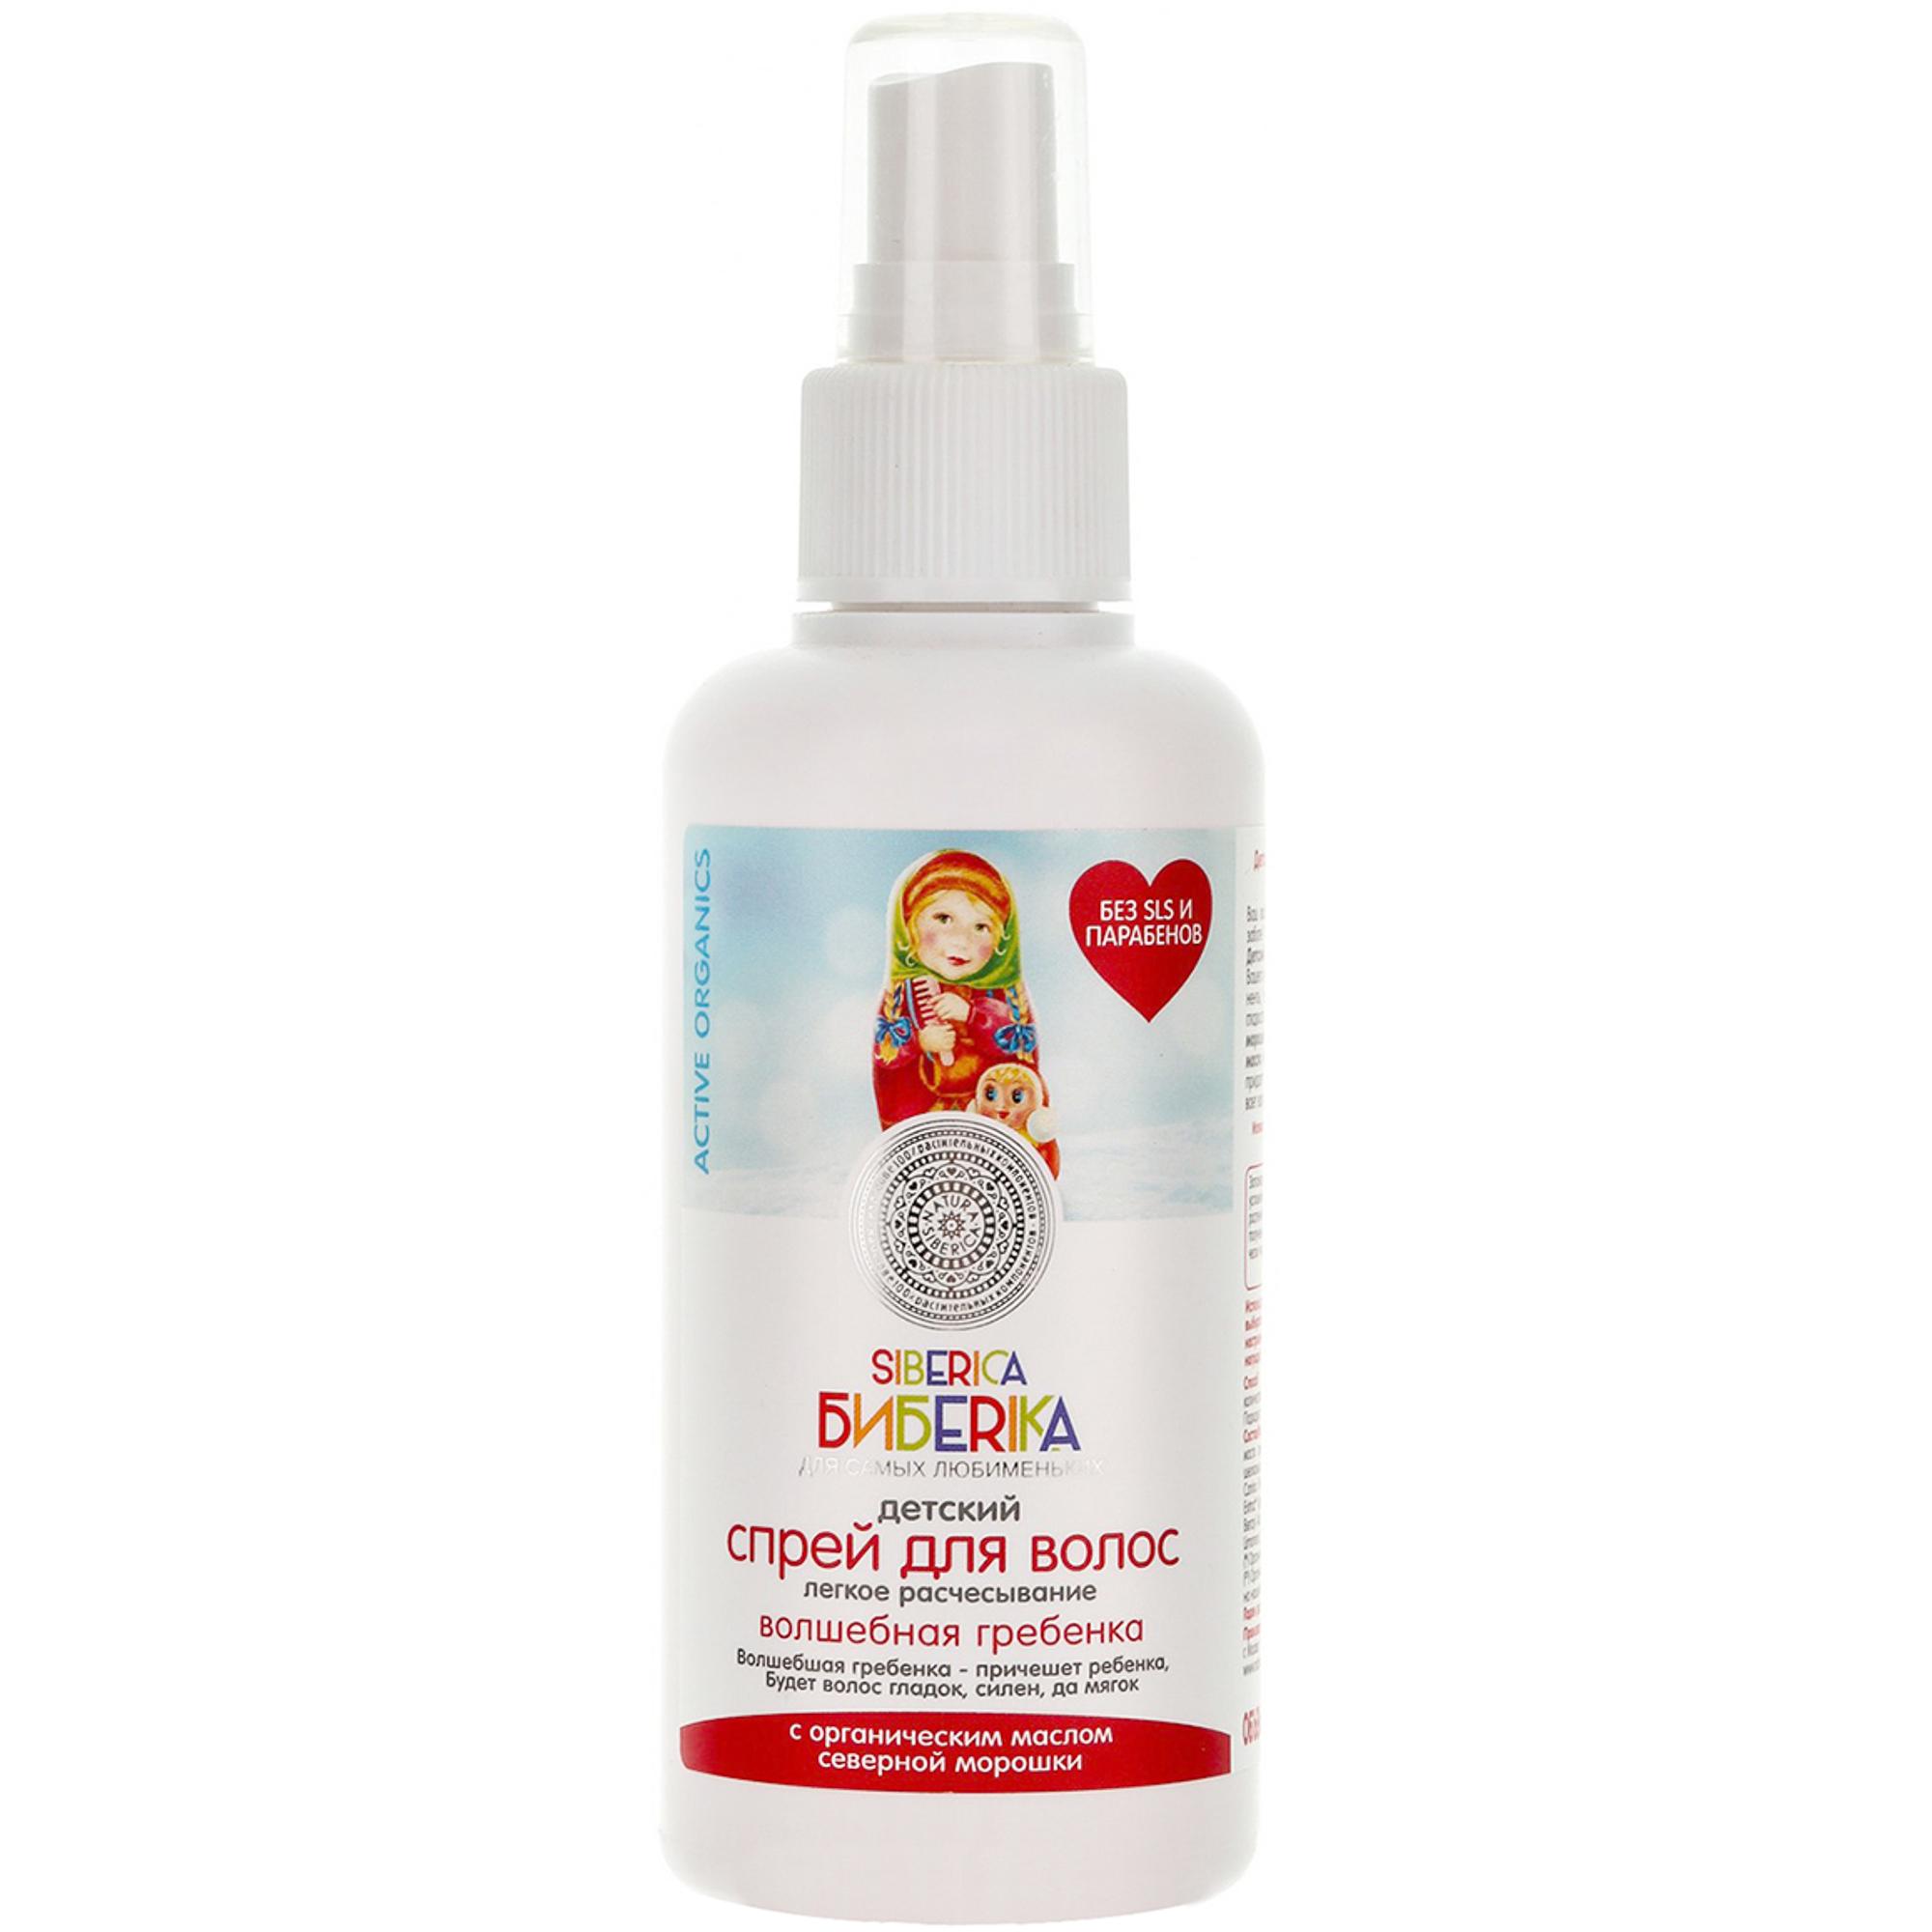 Купить Спрей для волос легкое расчесывание Natura Siberica Бибеrika Волшебная гребенка 150 мл, Россия, для девочек, Средства по уходу за телом и за кожей лица для детей